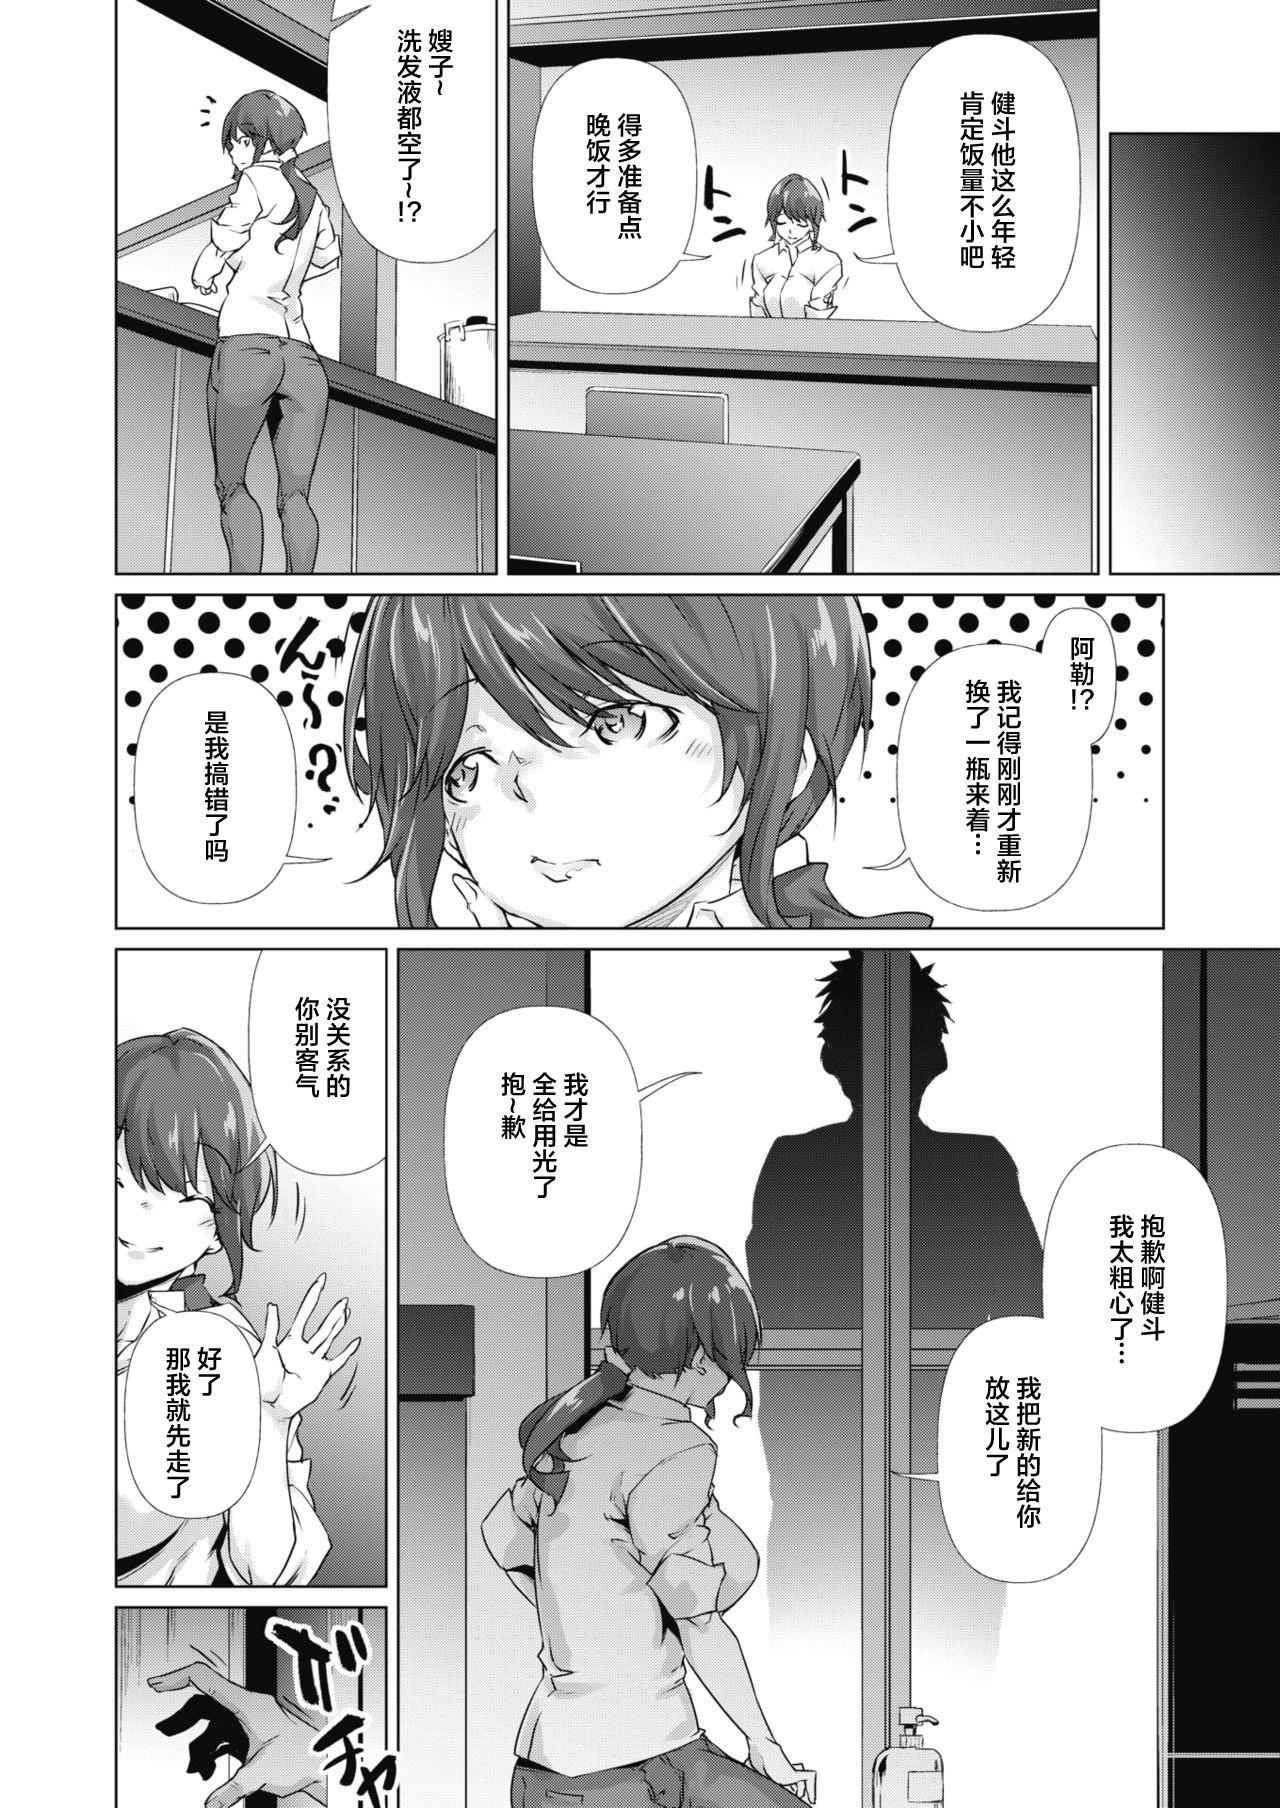 Soko ni Utsuru Kao ha 4